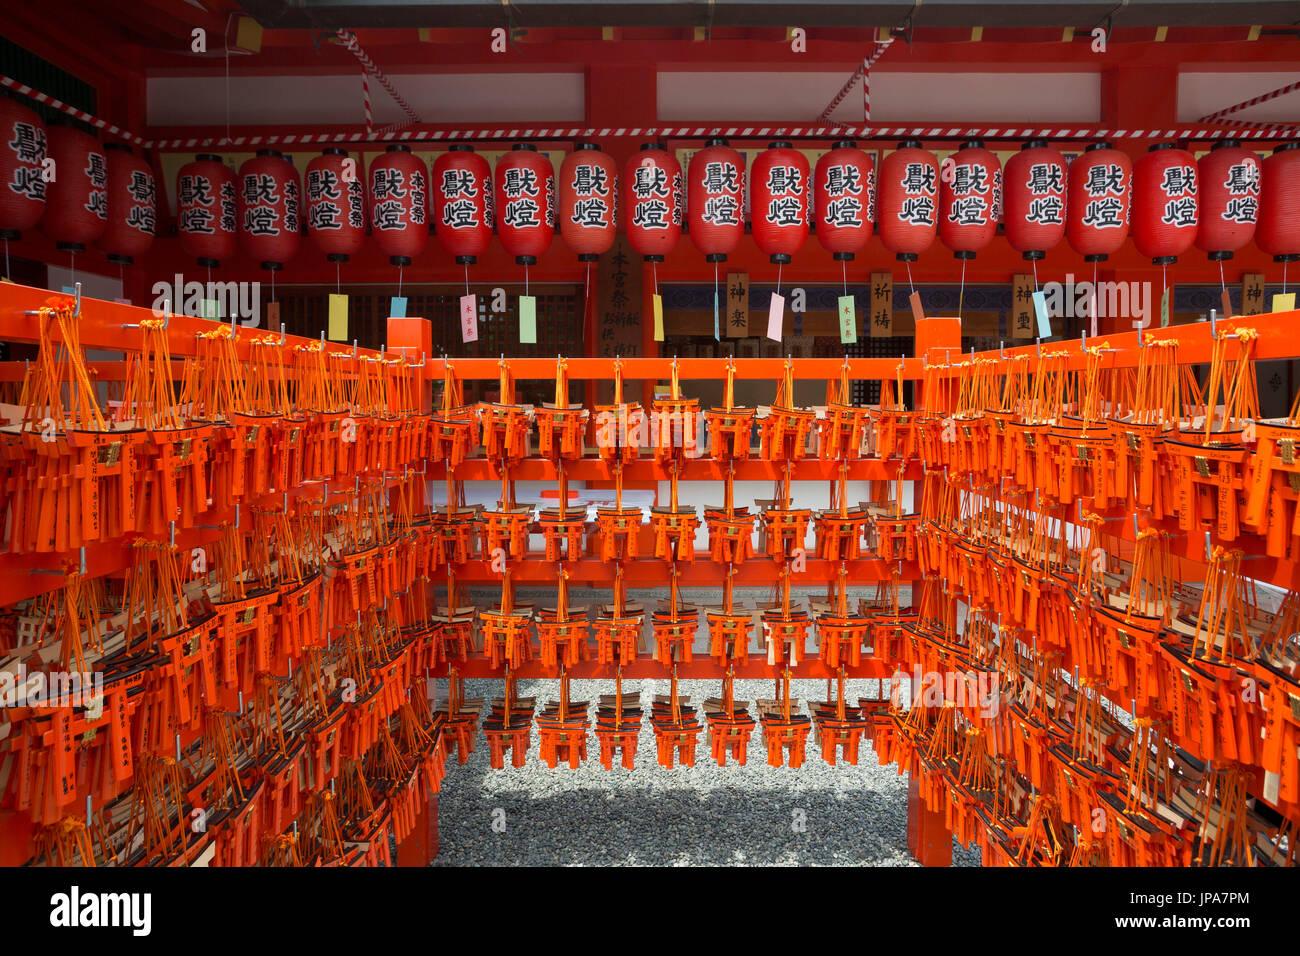 Japan, Kyoto City, Fushimi-Inari Taisha Shrine, Toriies - Stock Image